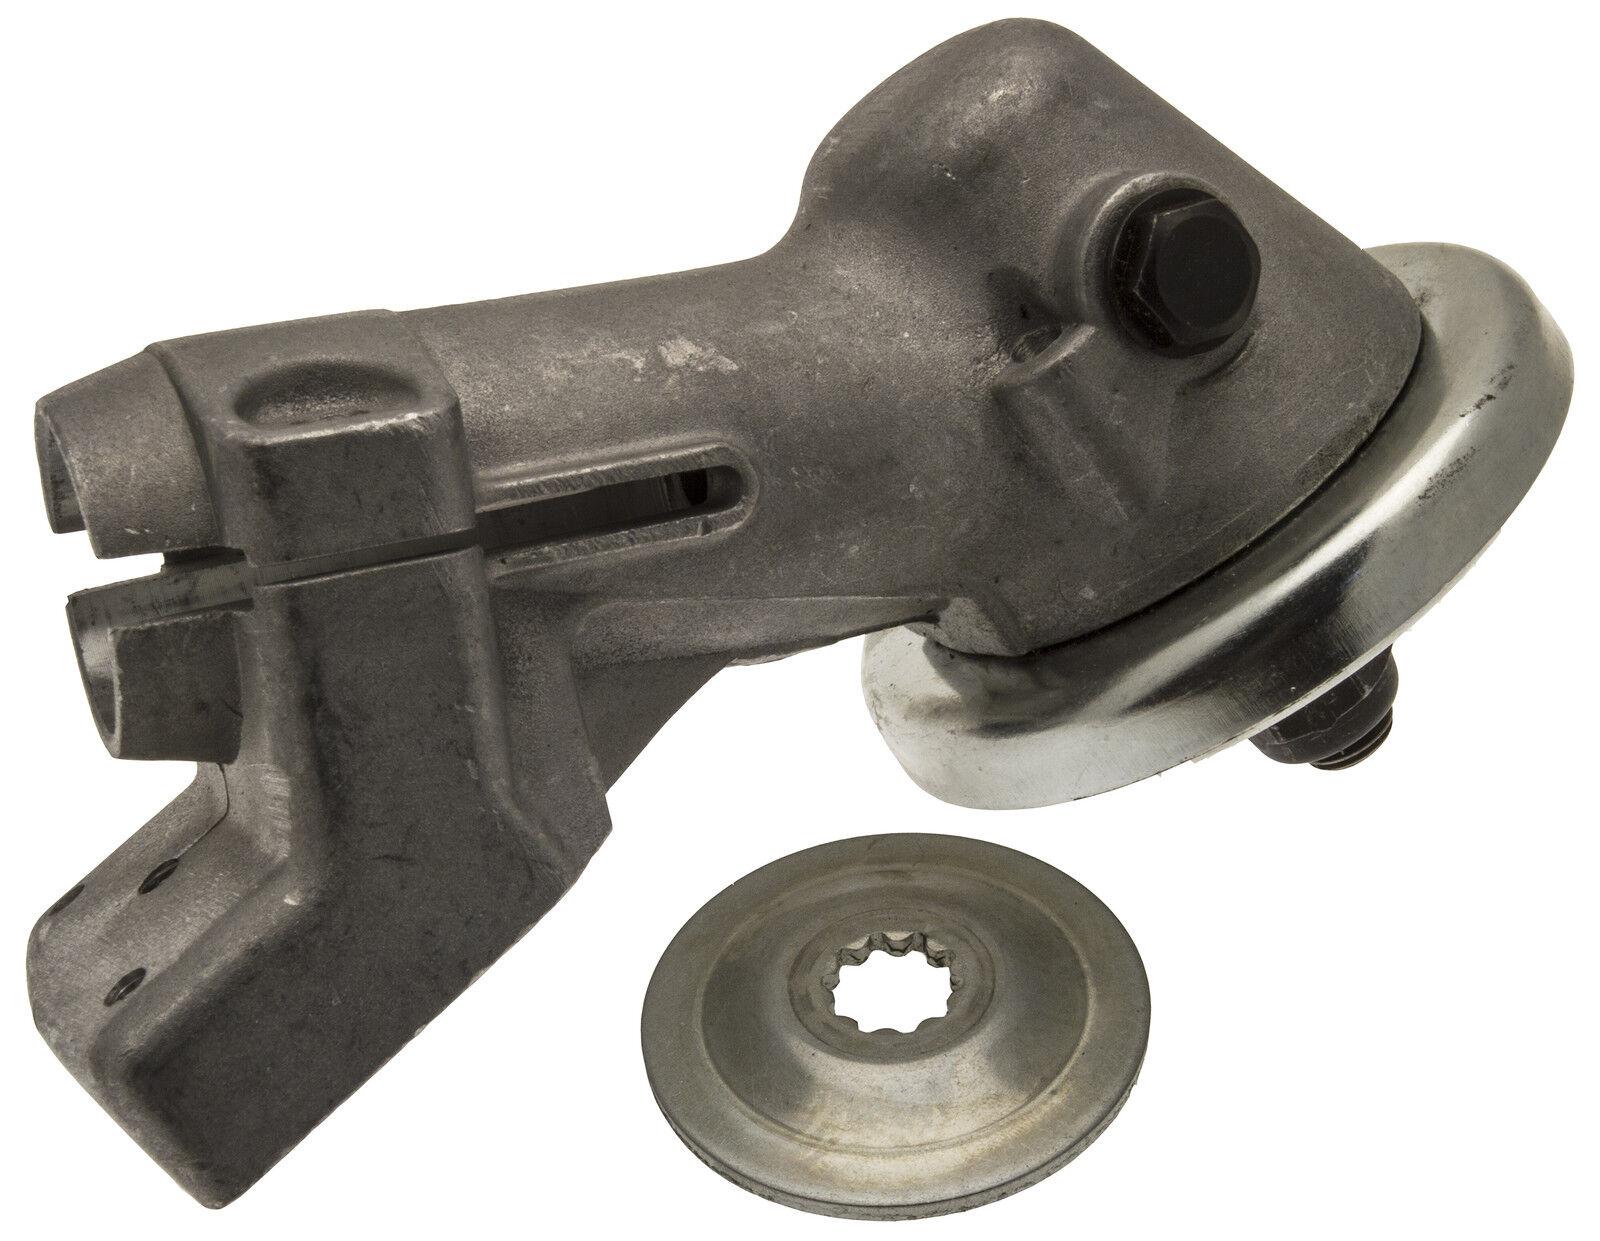 Caja de Engranaje Cabeza Drive para Stihl FS160 FS180 FS220 FS220K FS280 FS280K